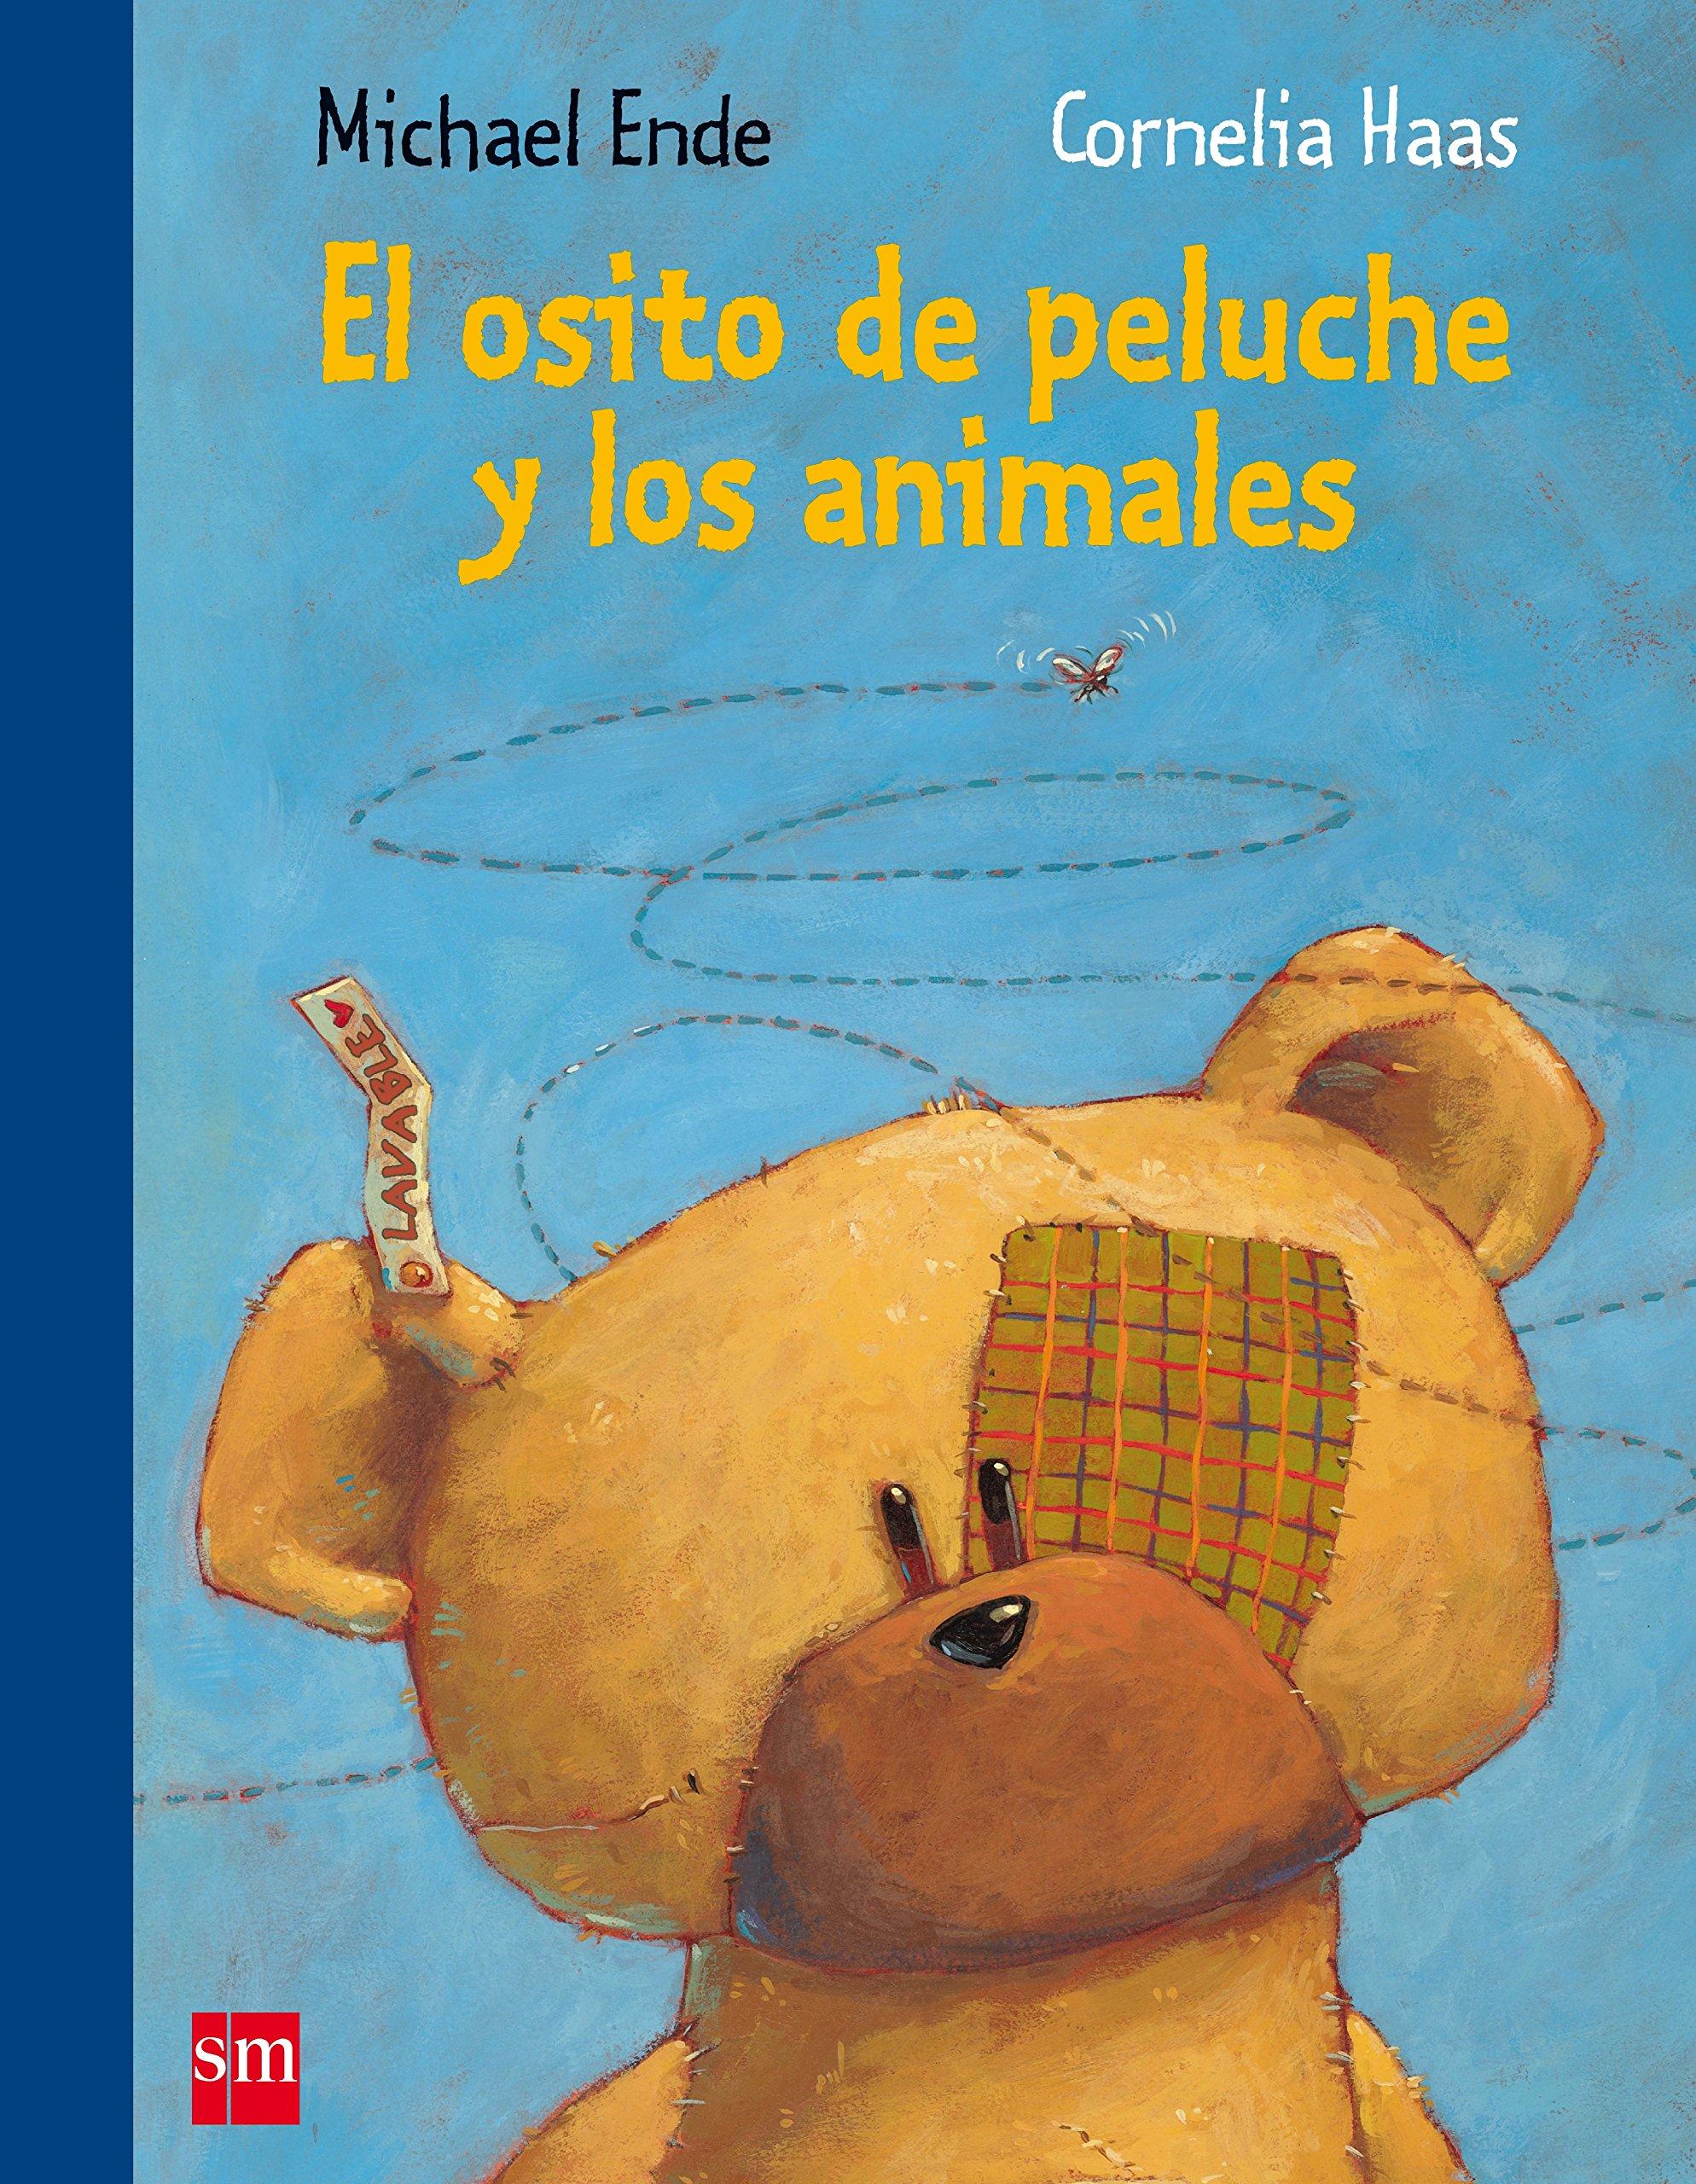 El osito de peluche y los animales Albumes ilustrados: Amazon.es: Michael Ende, Cornelia Hass: Libros